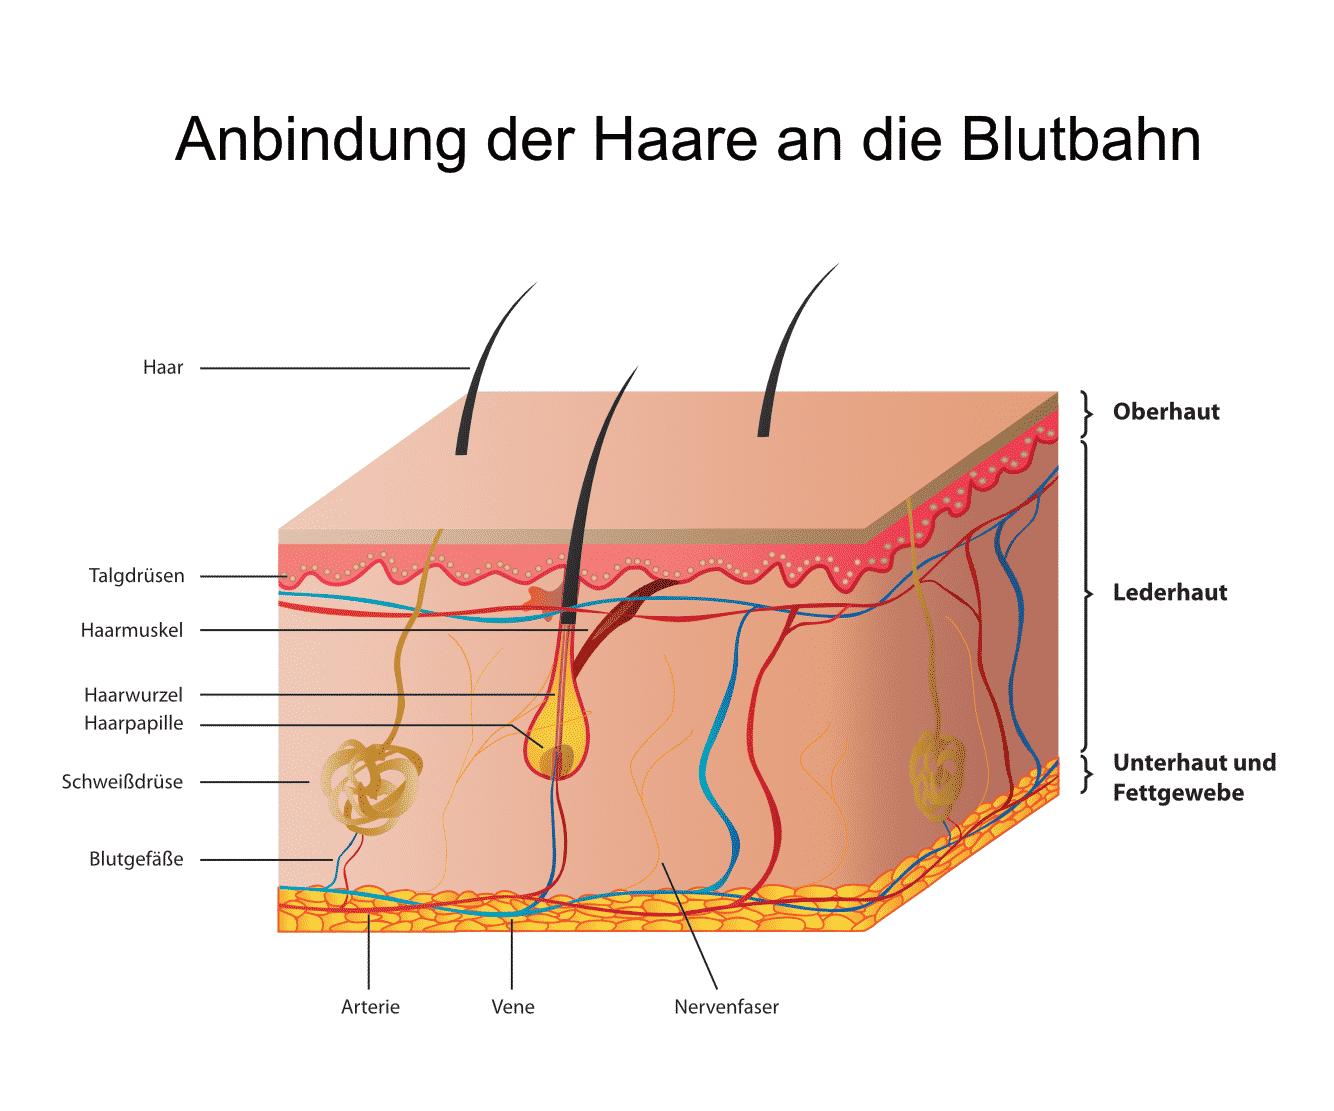 Haaranalyse - Anbindung der Haare an die Blutbahn